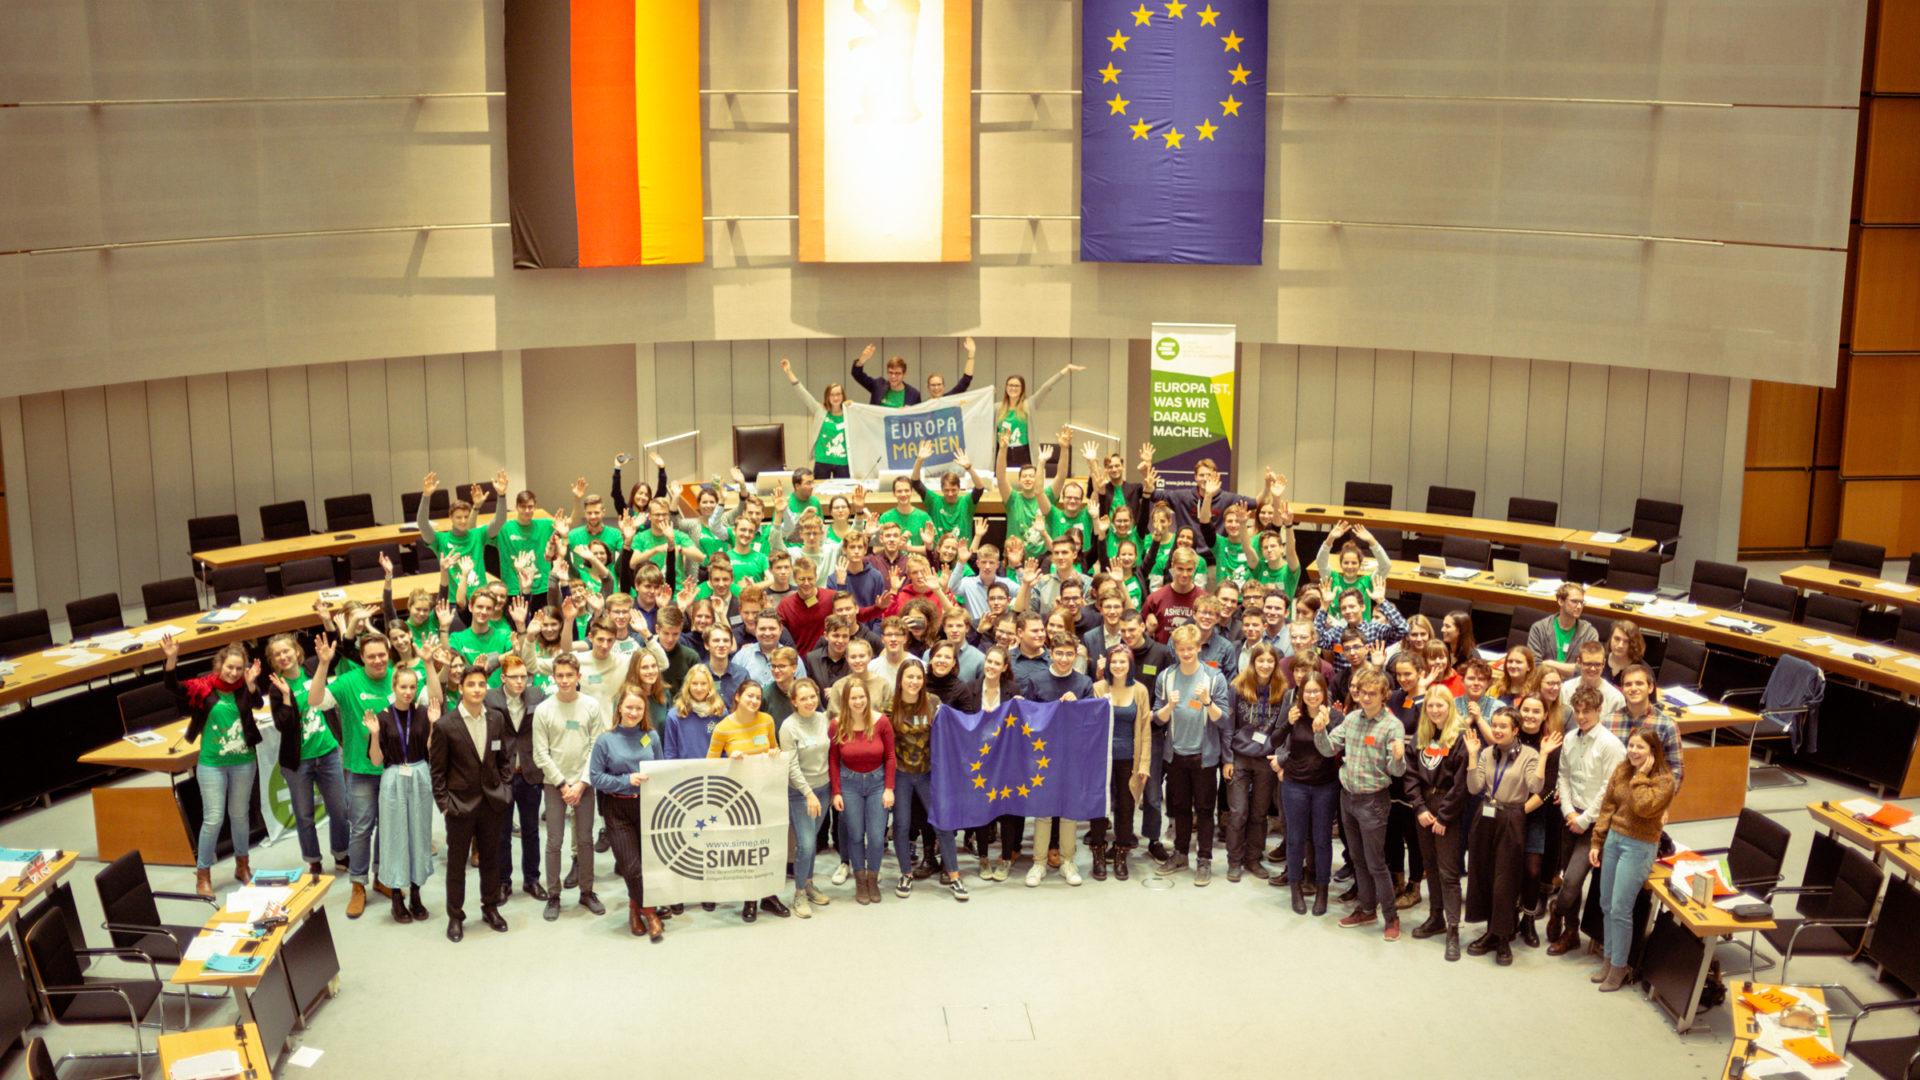 Junge Europäische Bewegung